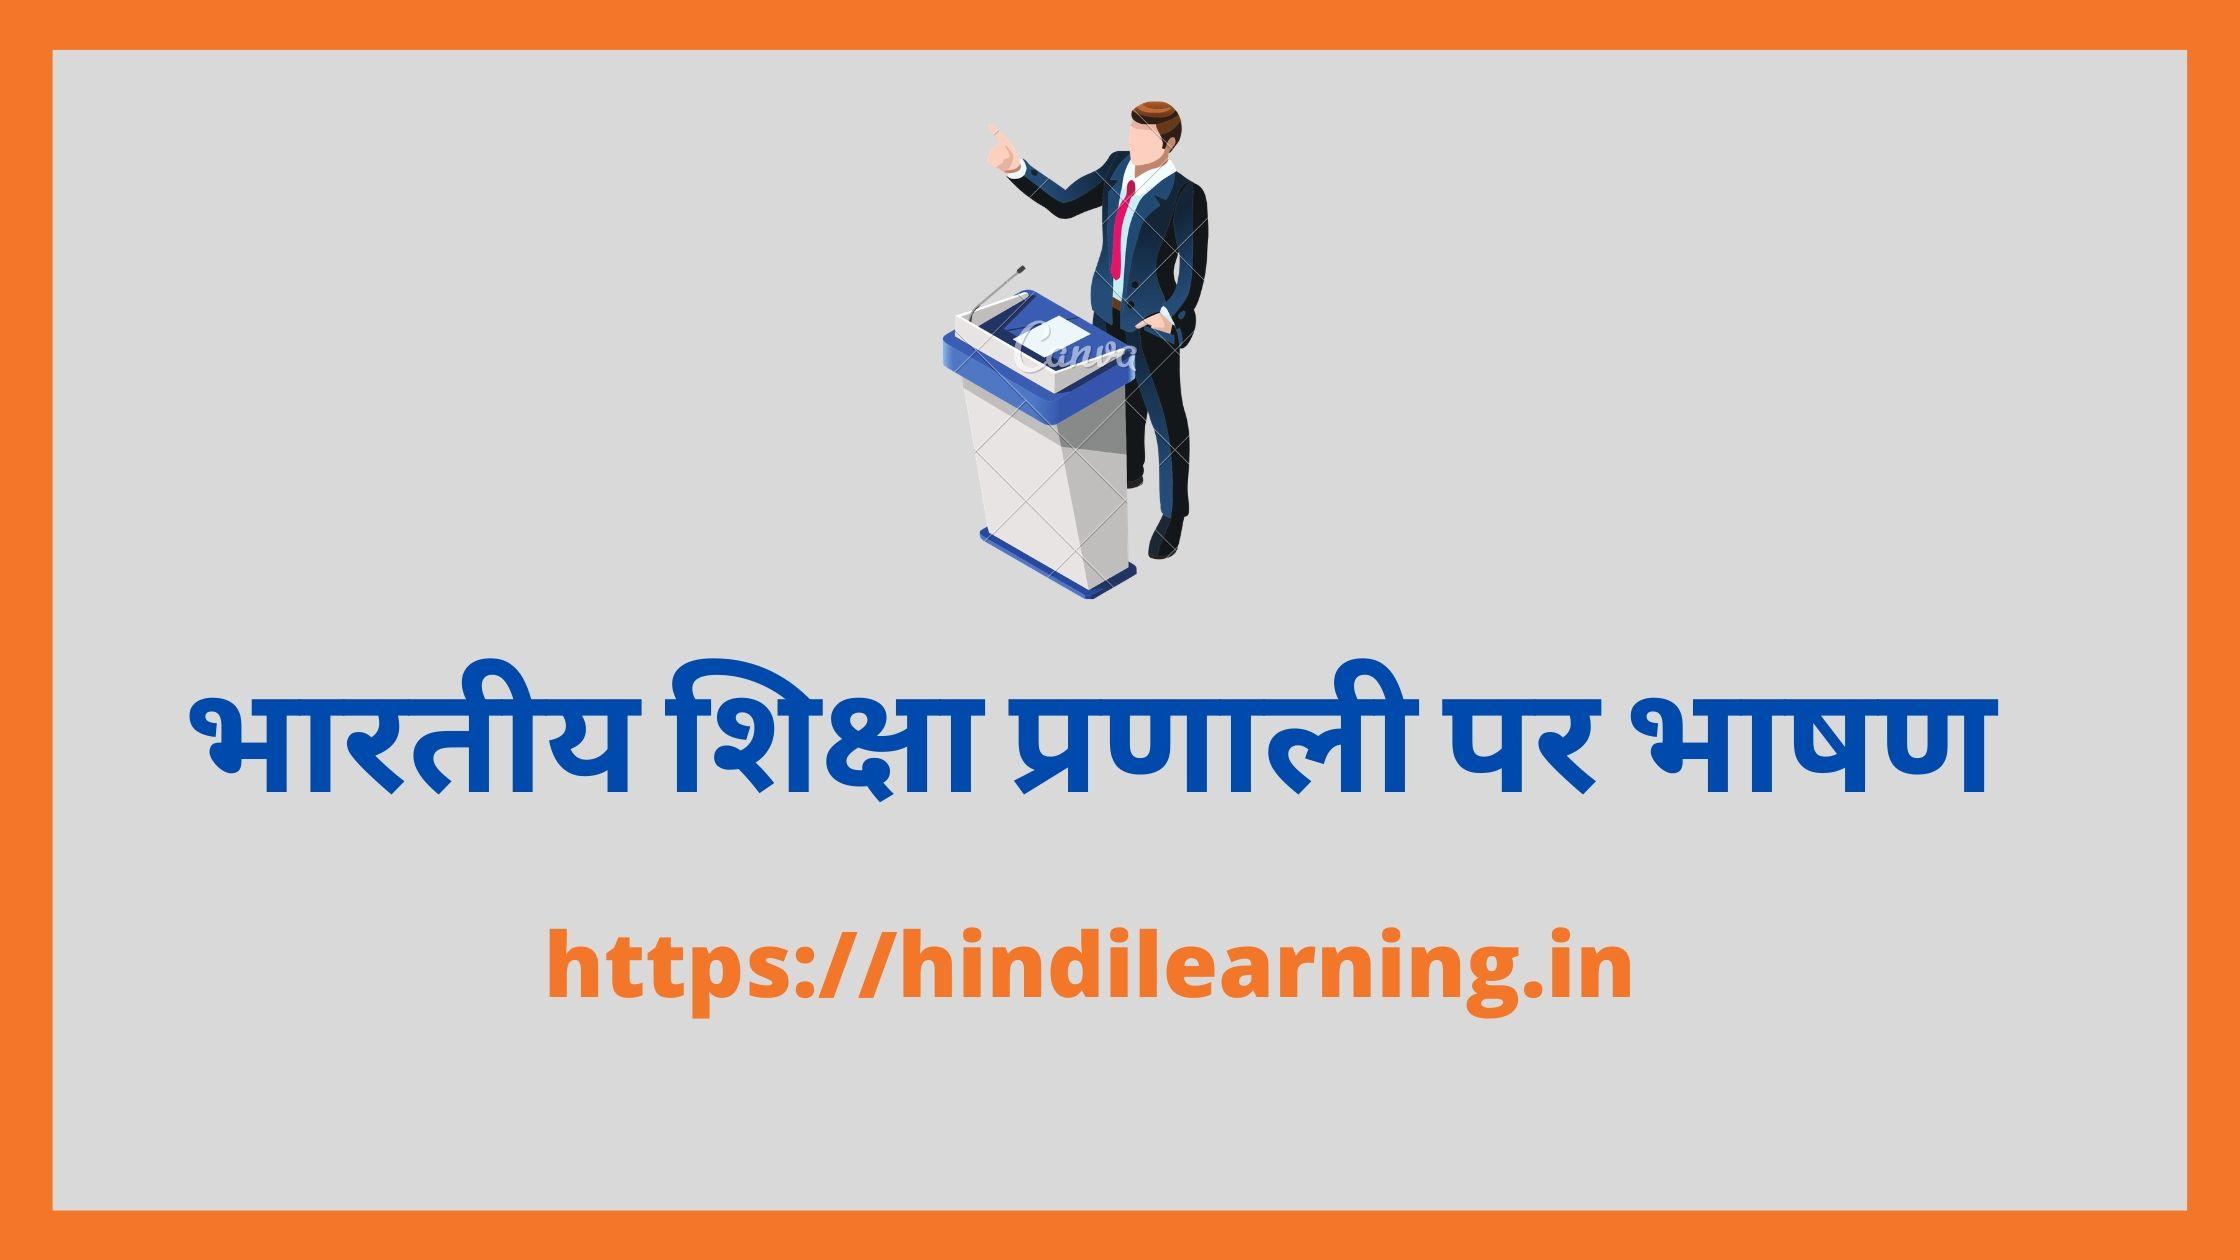 भारतीय शिक्षा प्रणाली पर भाषण